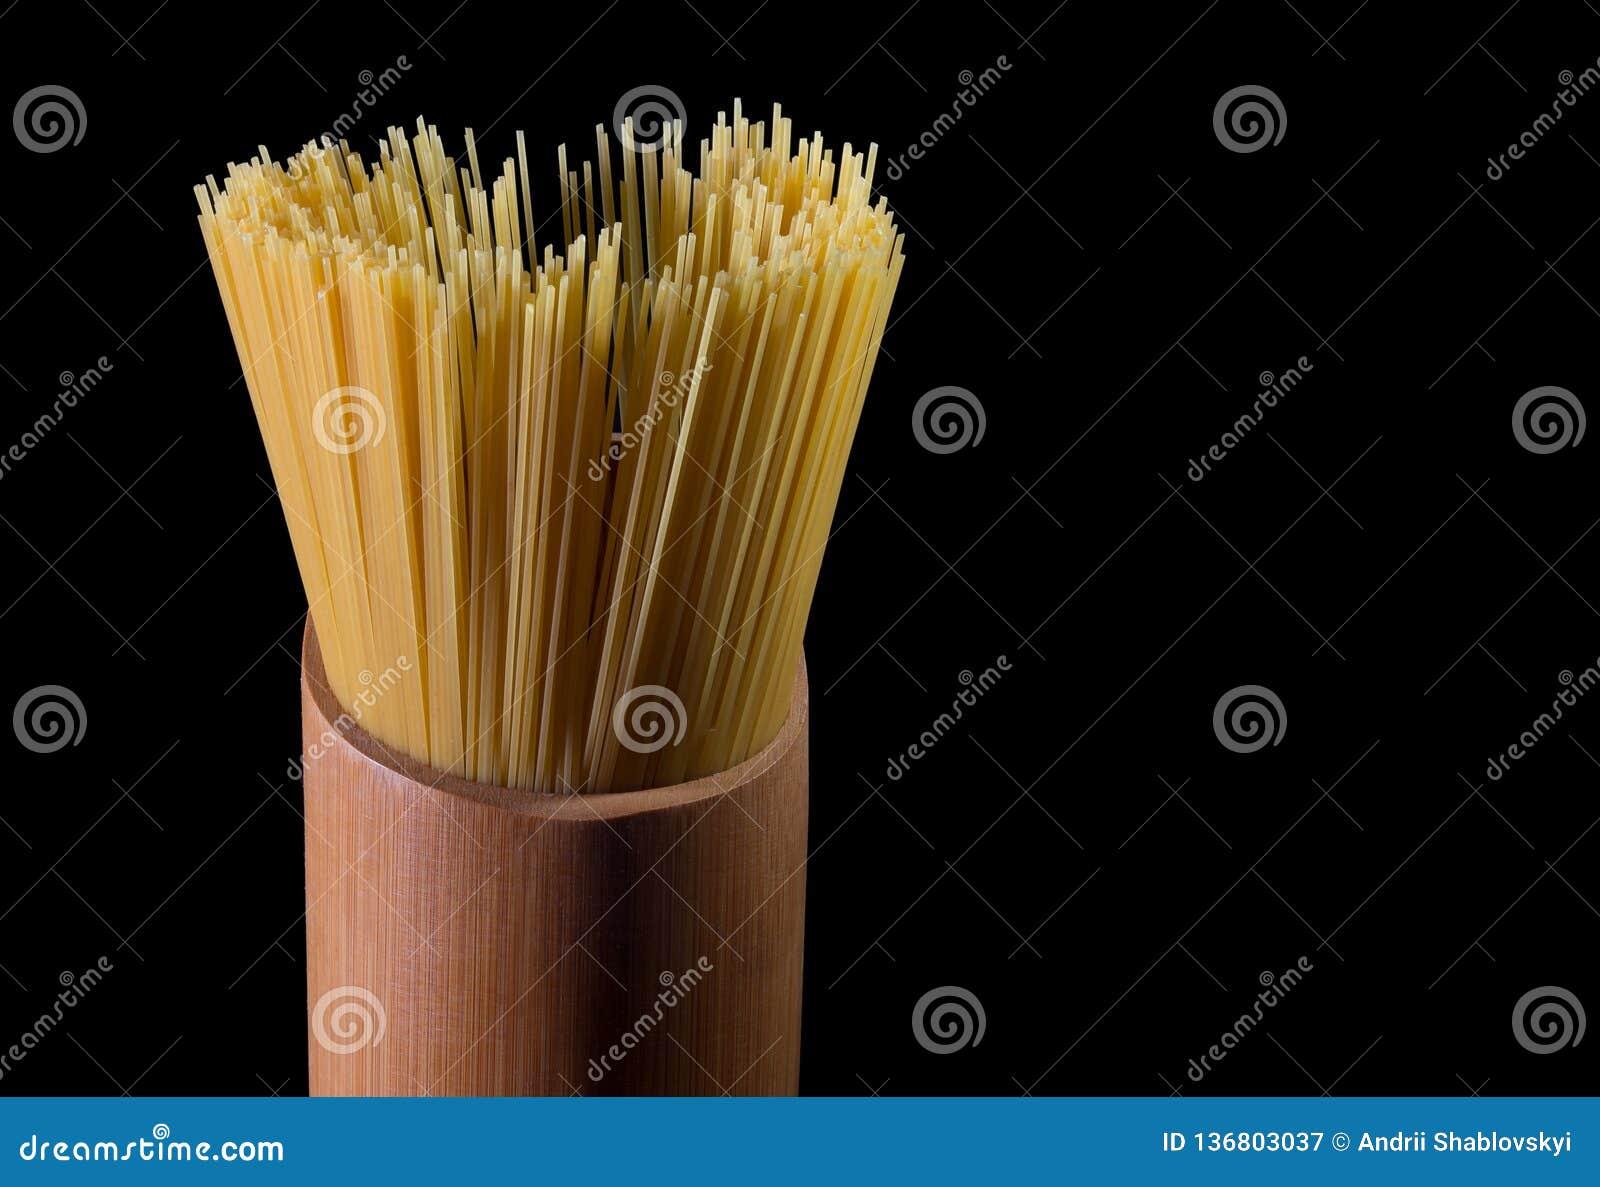 Ιταλικά μακαρόνια που απομονώνονται στο μαύρο υπόβαθρο ιταλικά ζυμαρικά κίτρινα Τρόφιμα στο απομονωμένο υπόβαθρο Αφηρημένα μακαρό